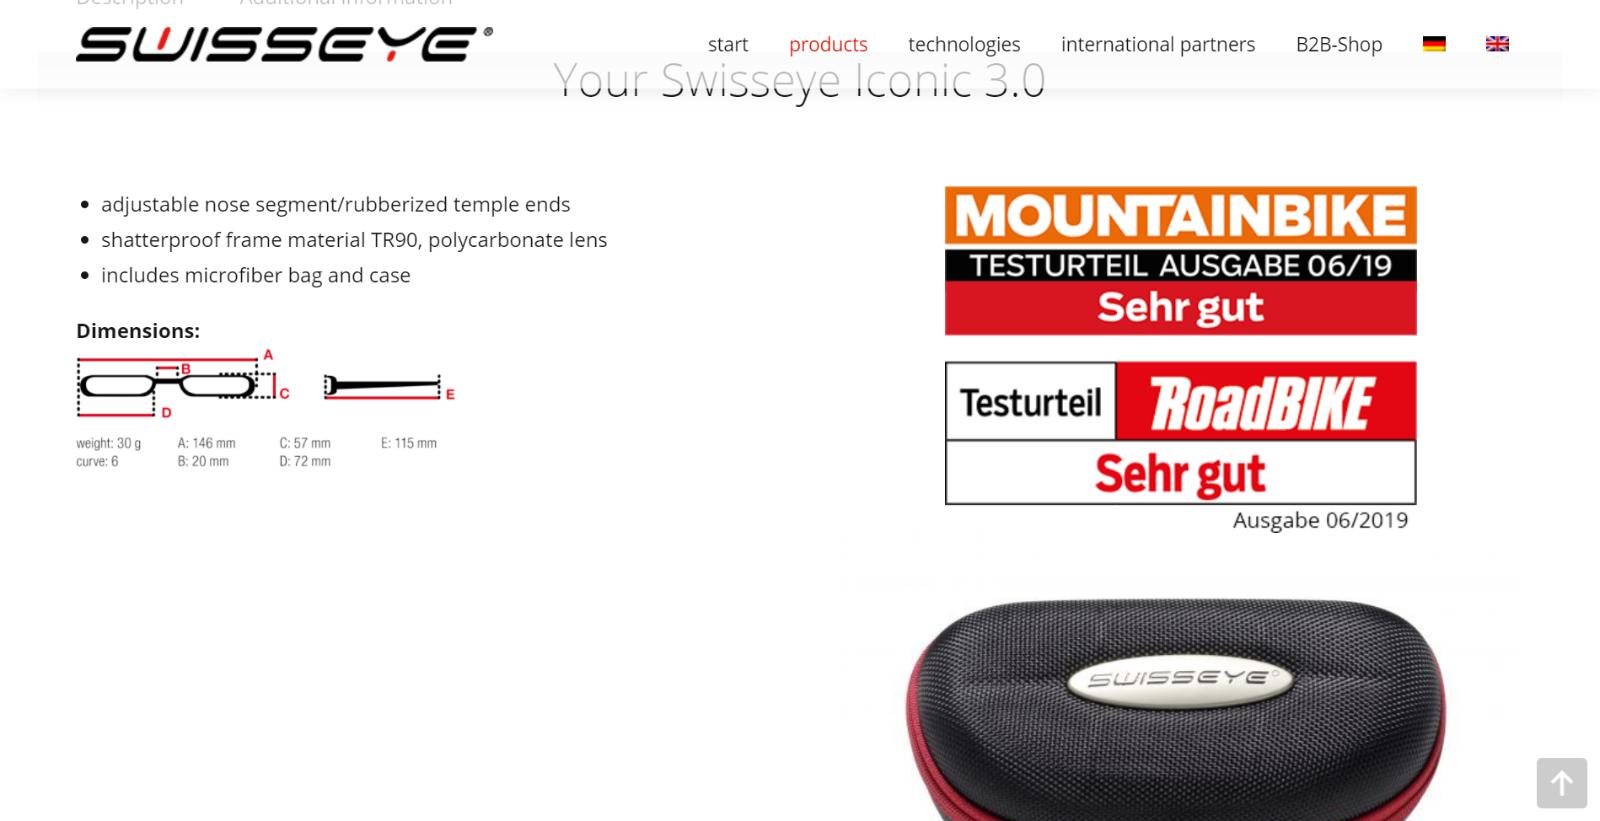 Swiss Eye Iconic 3.0